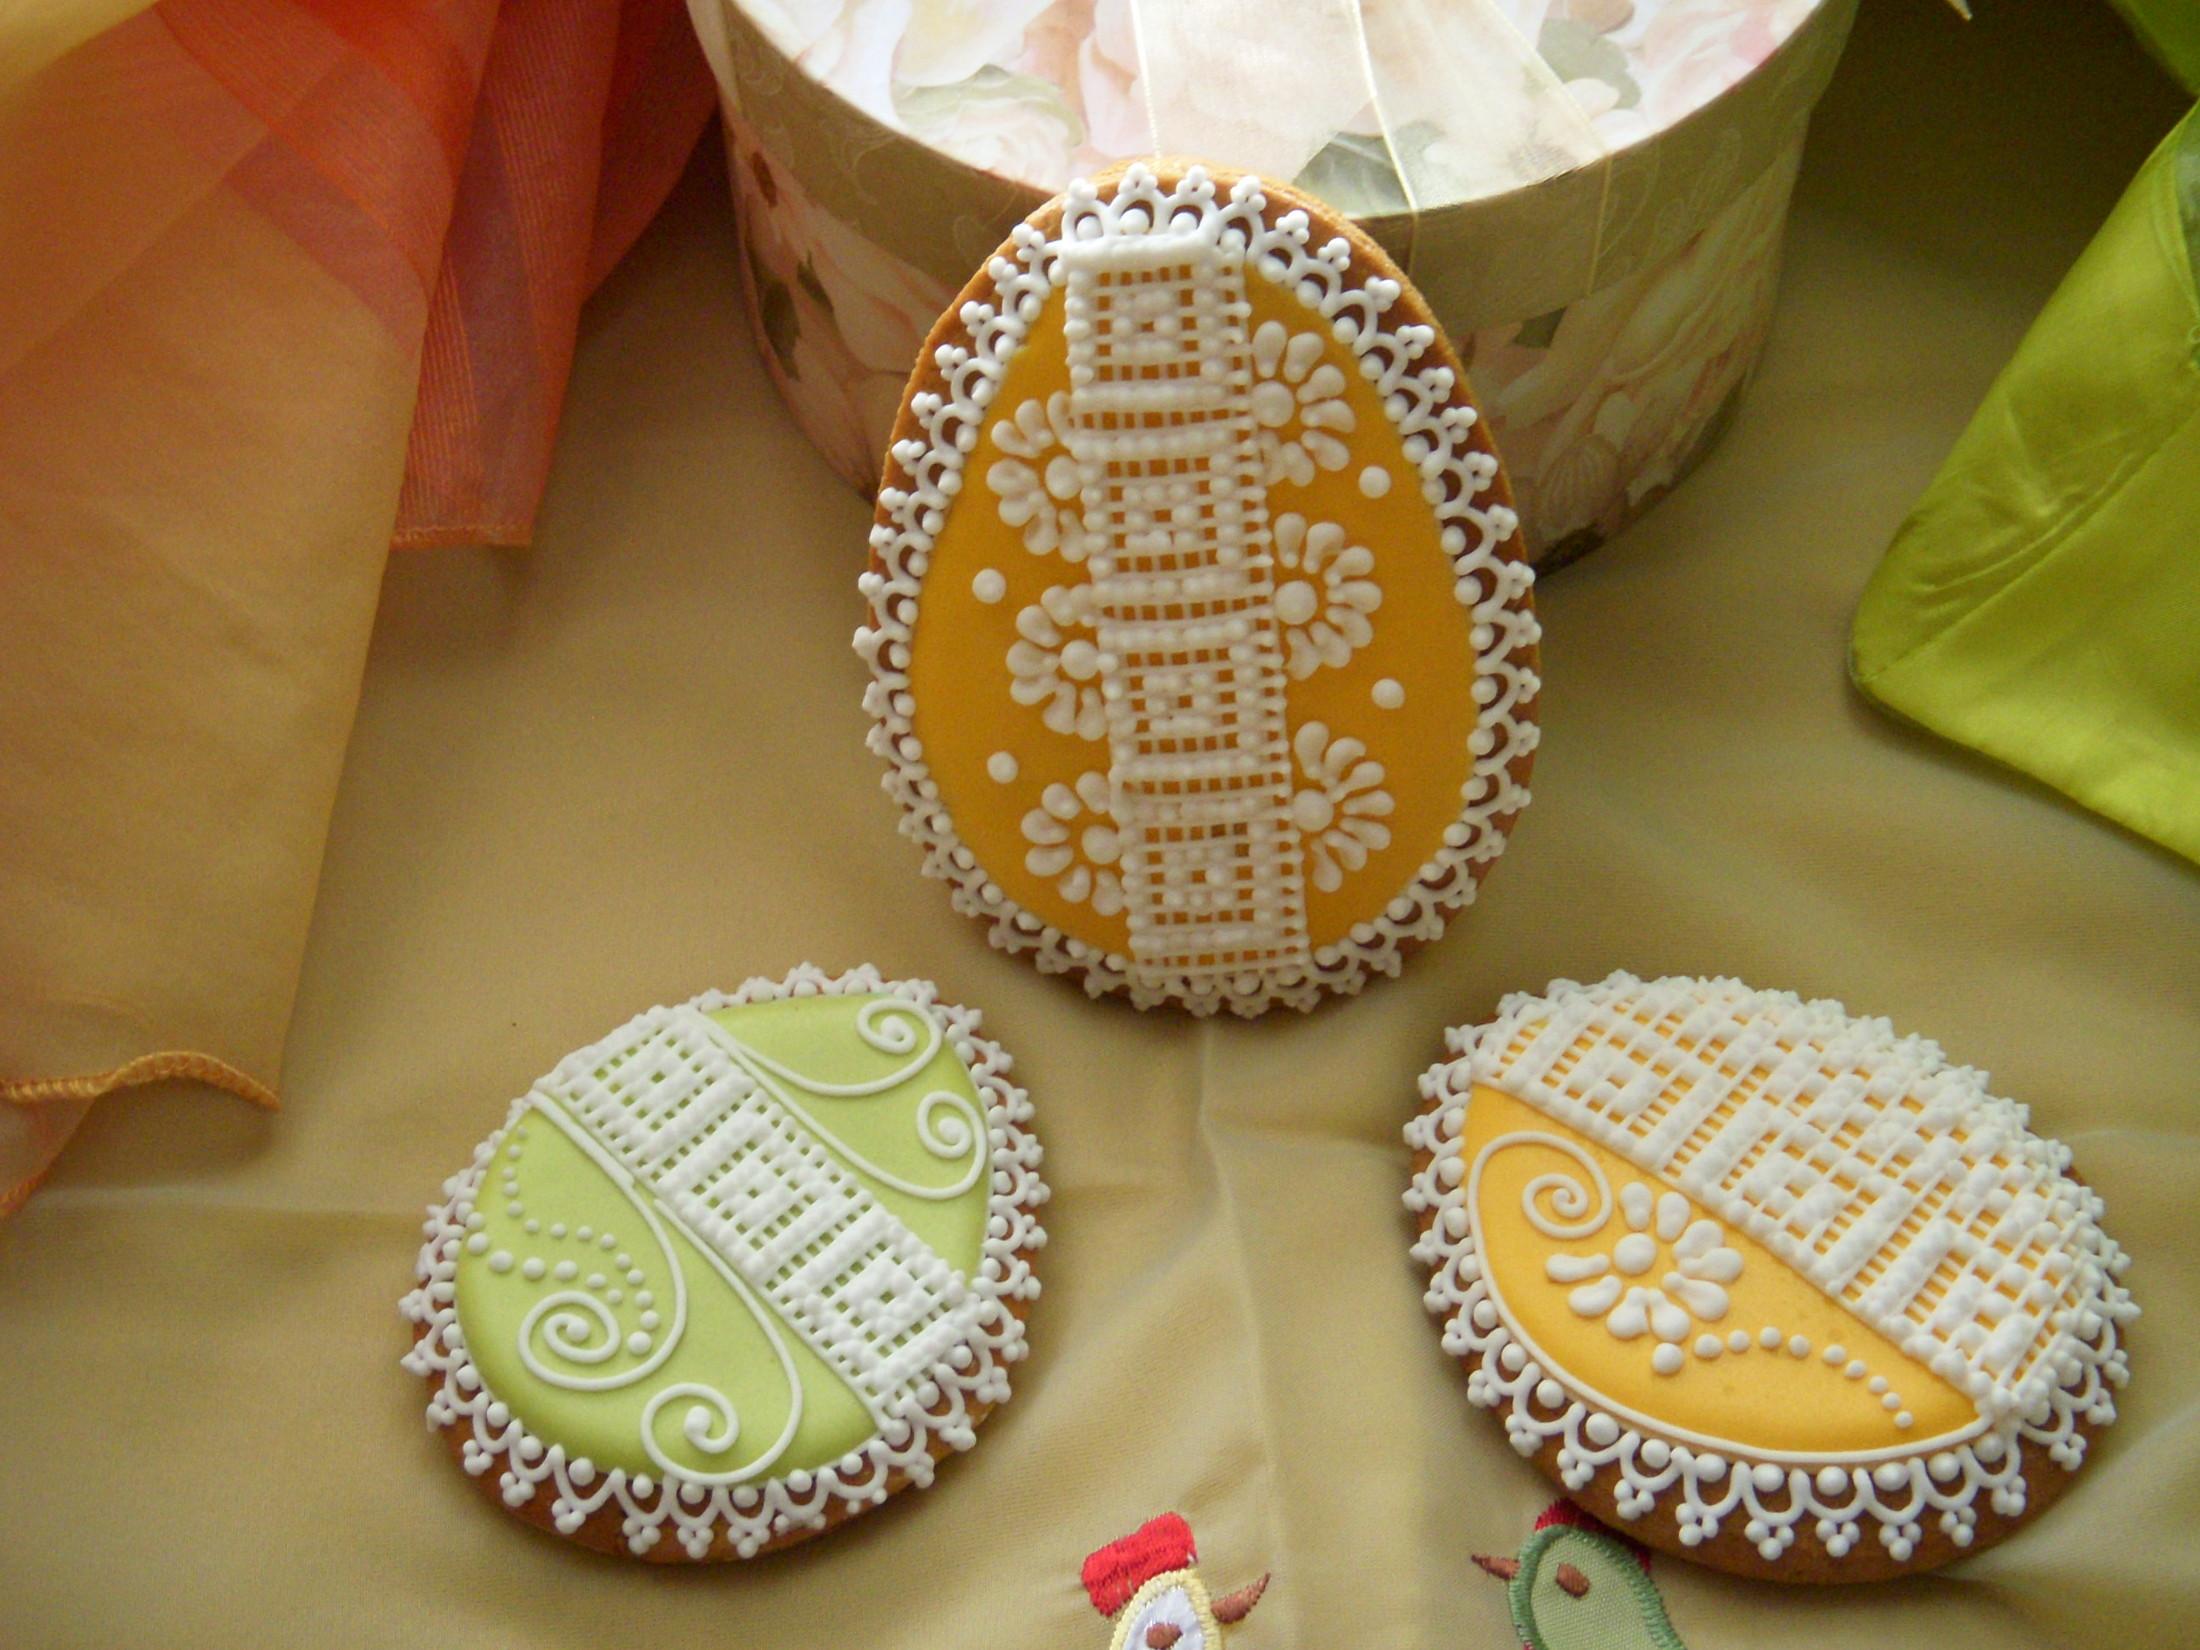 Recept Zdobené medové perníčky  - Velikonoční perníčky 2012